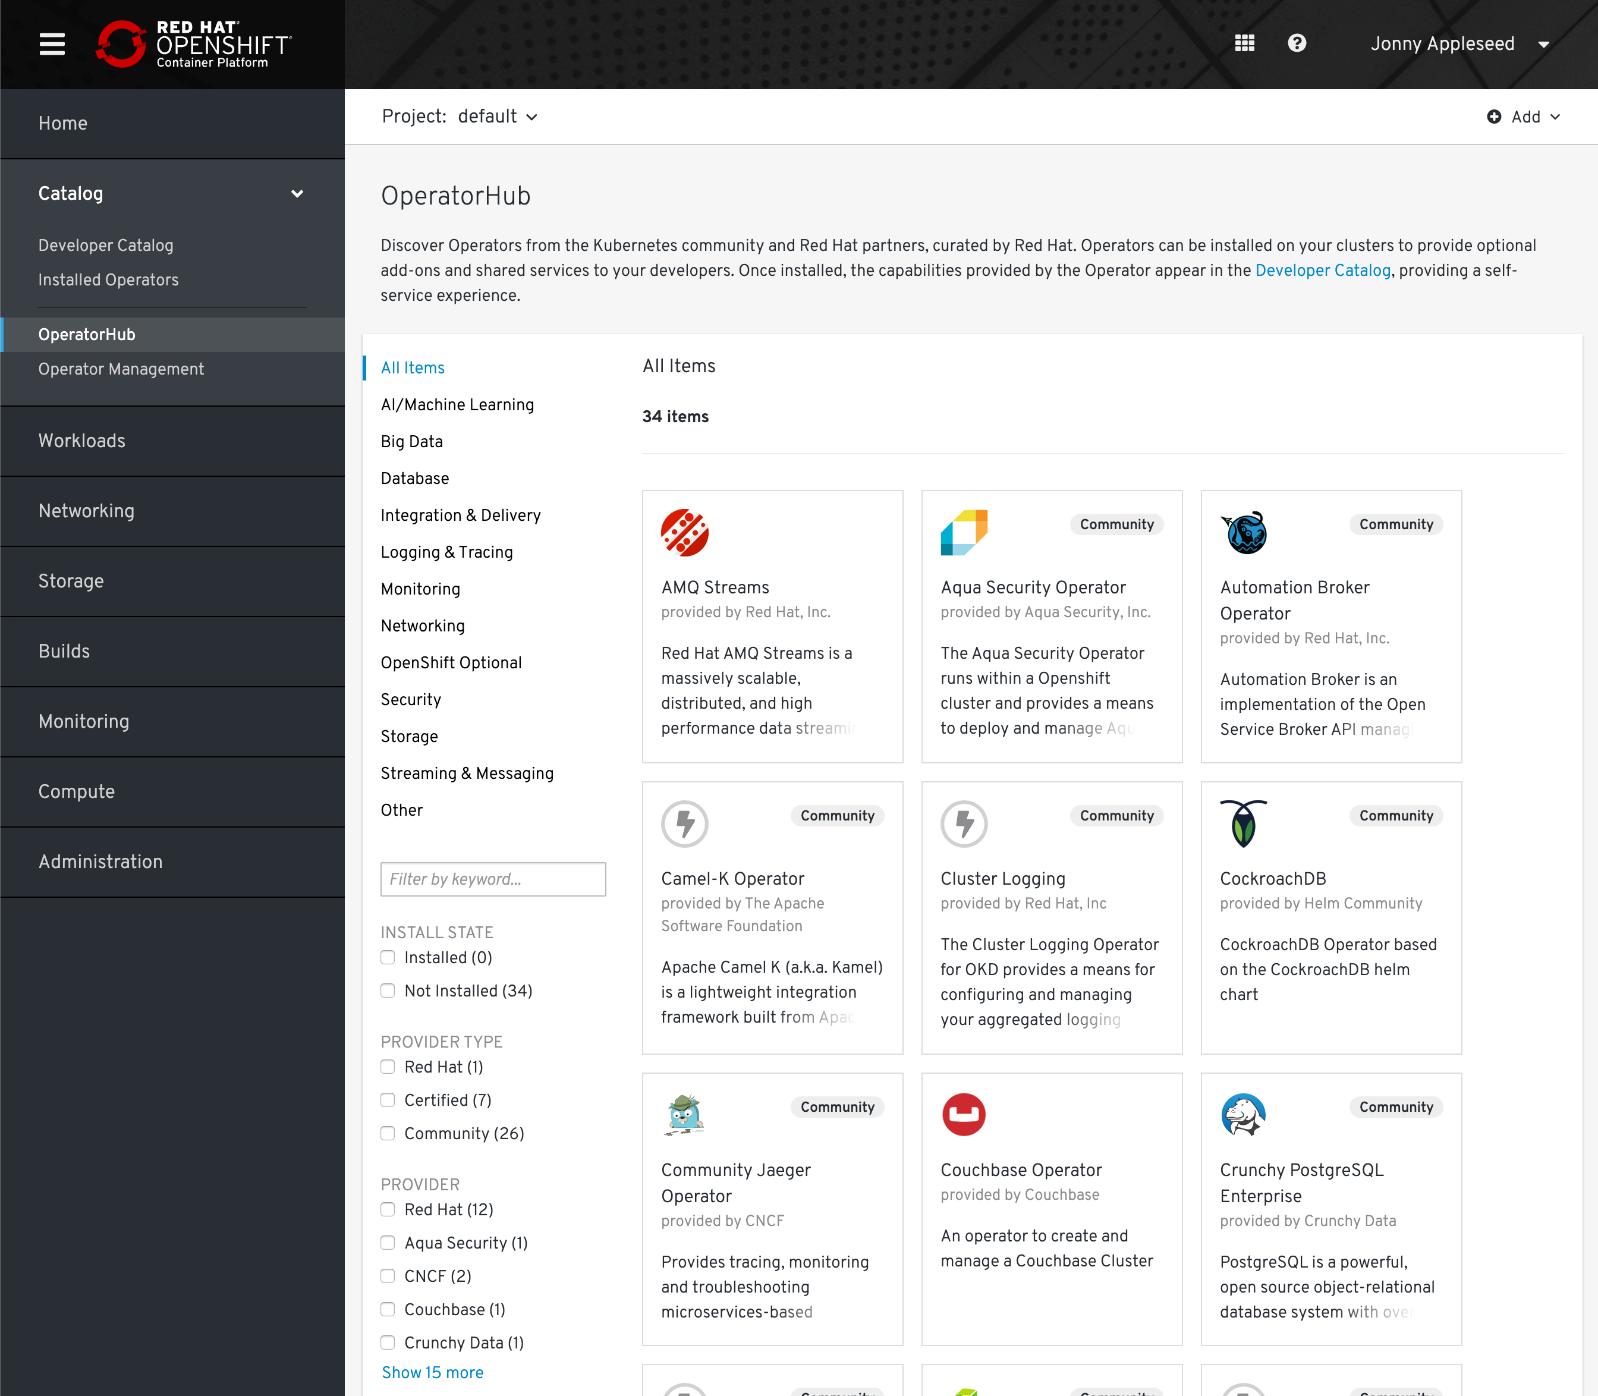 Что нового в Red Hat OpenShift 4.2 и 4.3? - 4